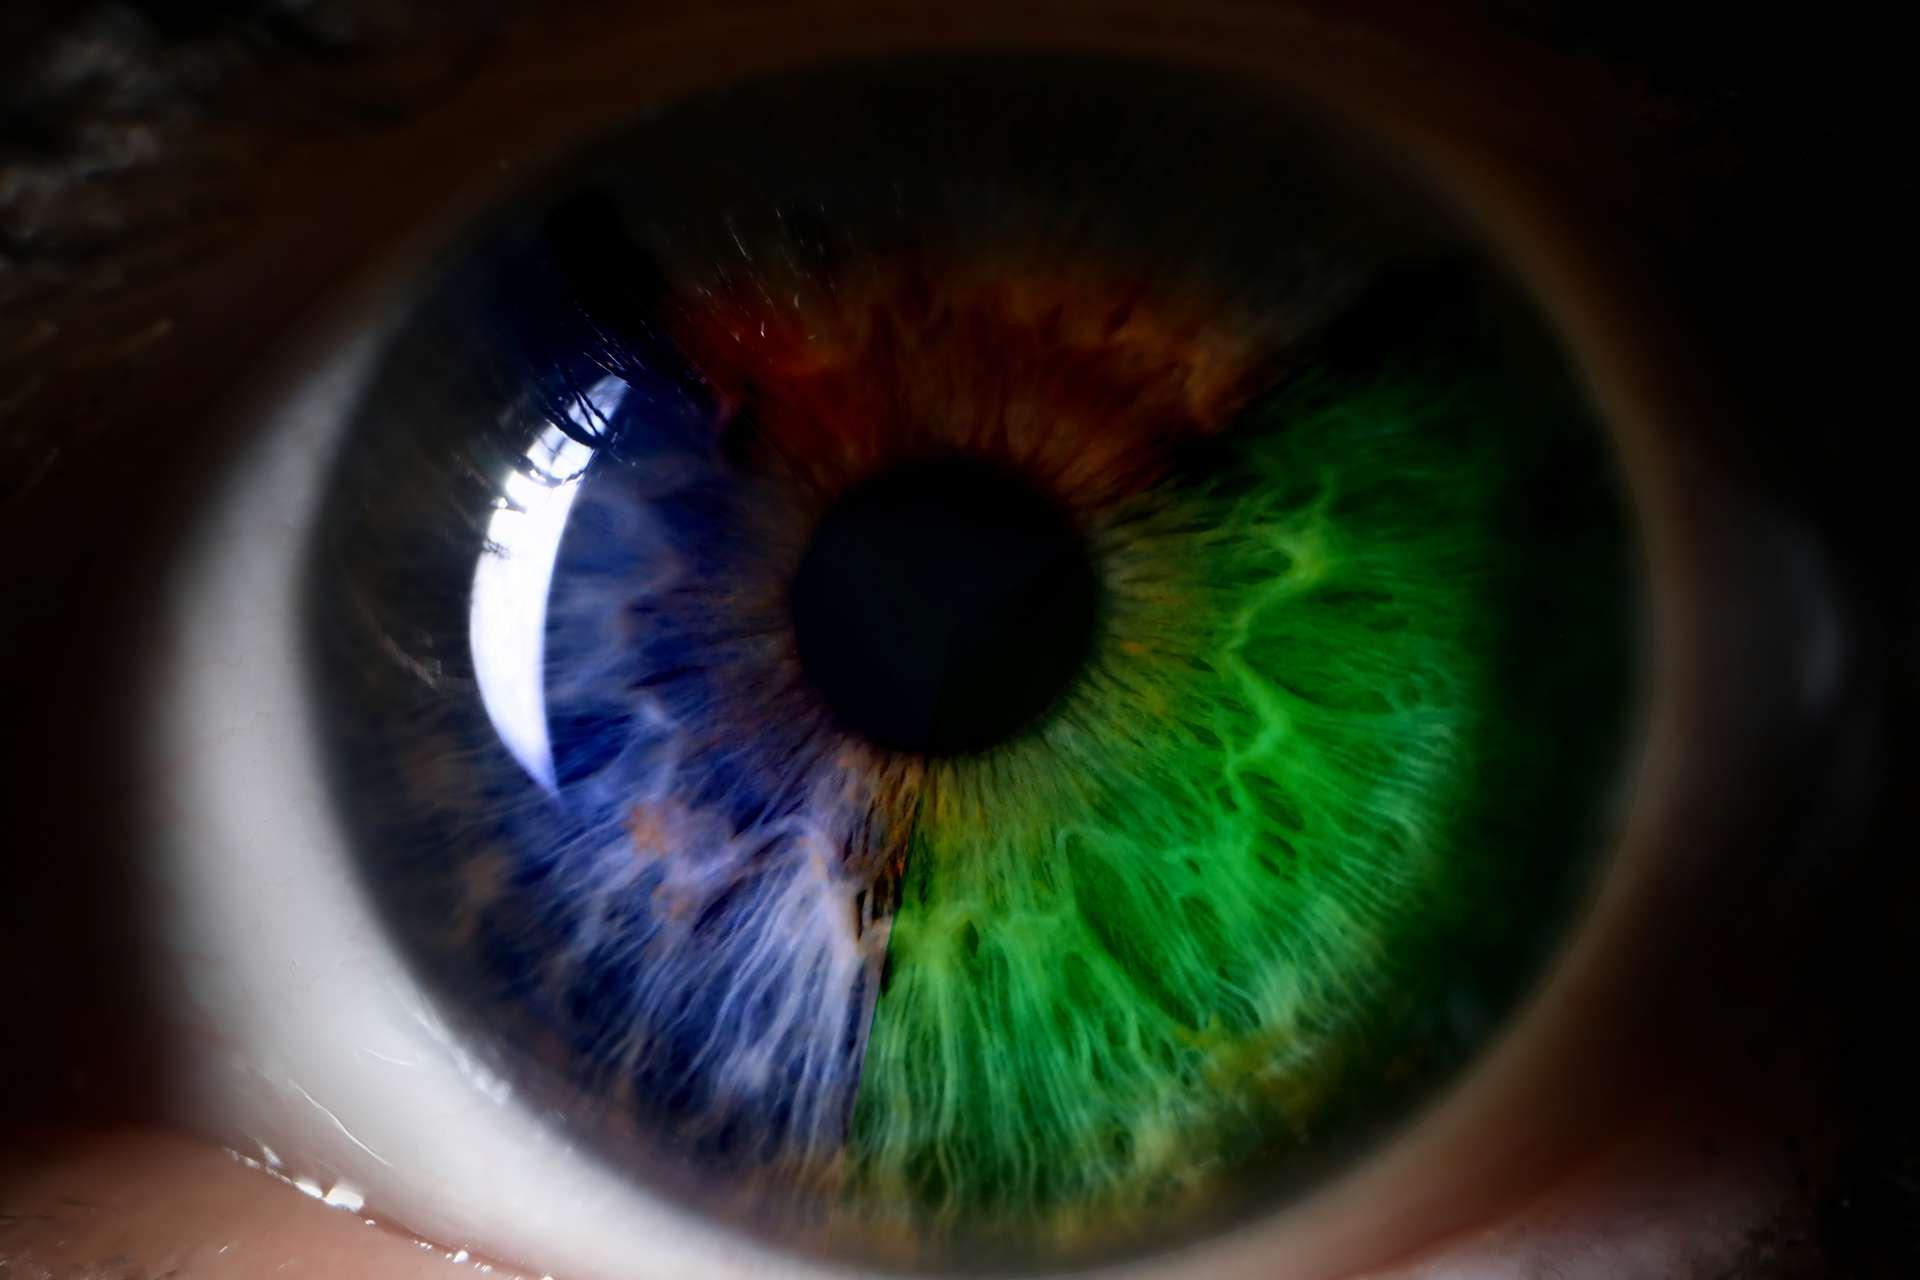 Il existe plusieurs sortes de dyschromatopsie, appelée daltonisme par abus de langage. © H_Ko, Adobe Stock